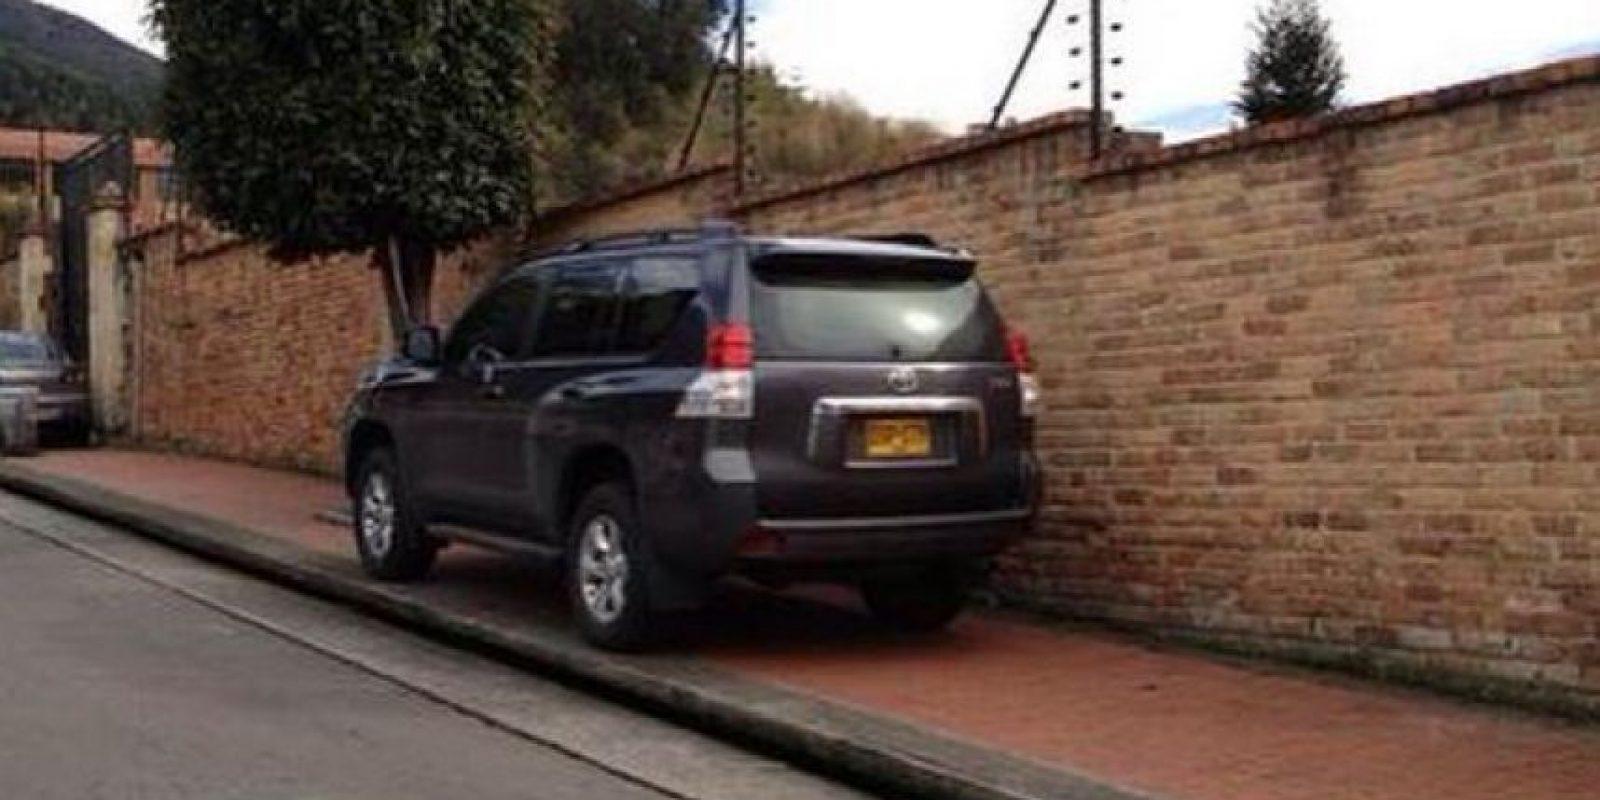 Este señor no encontró mejor lugar para estacionar que en un andén. Foto:Twitter @chambondasbog